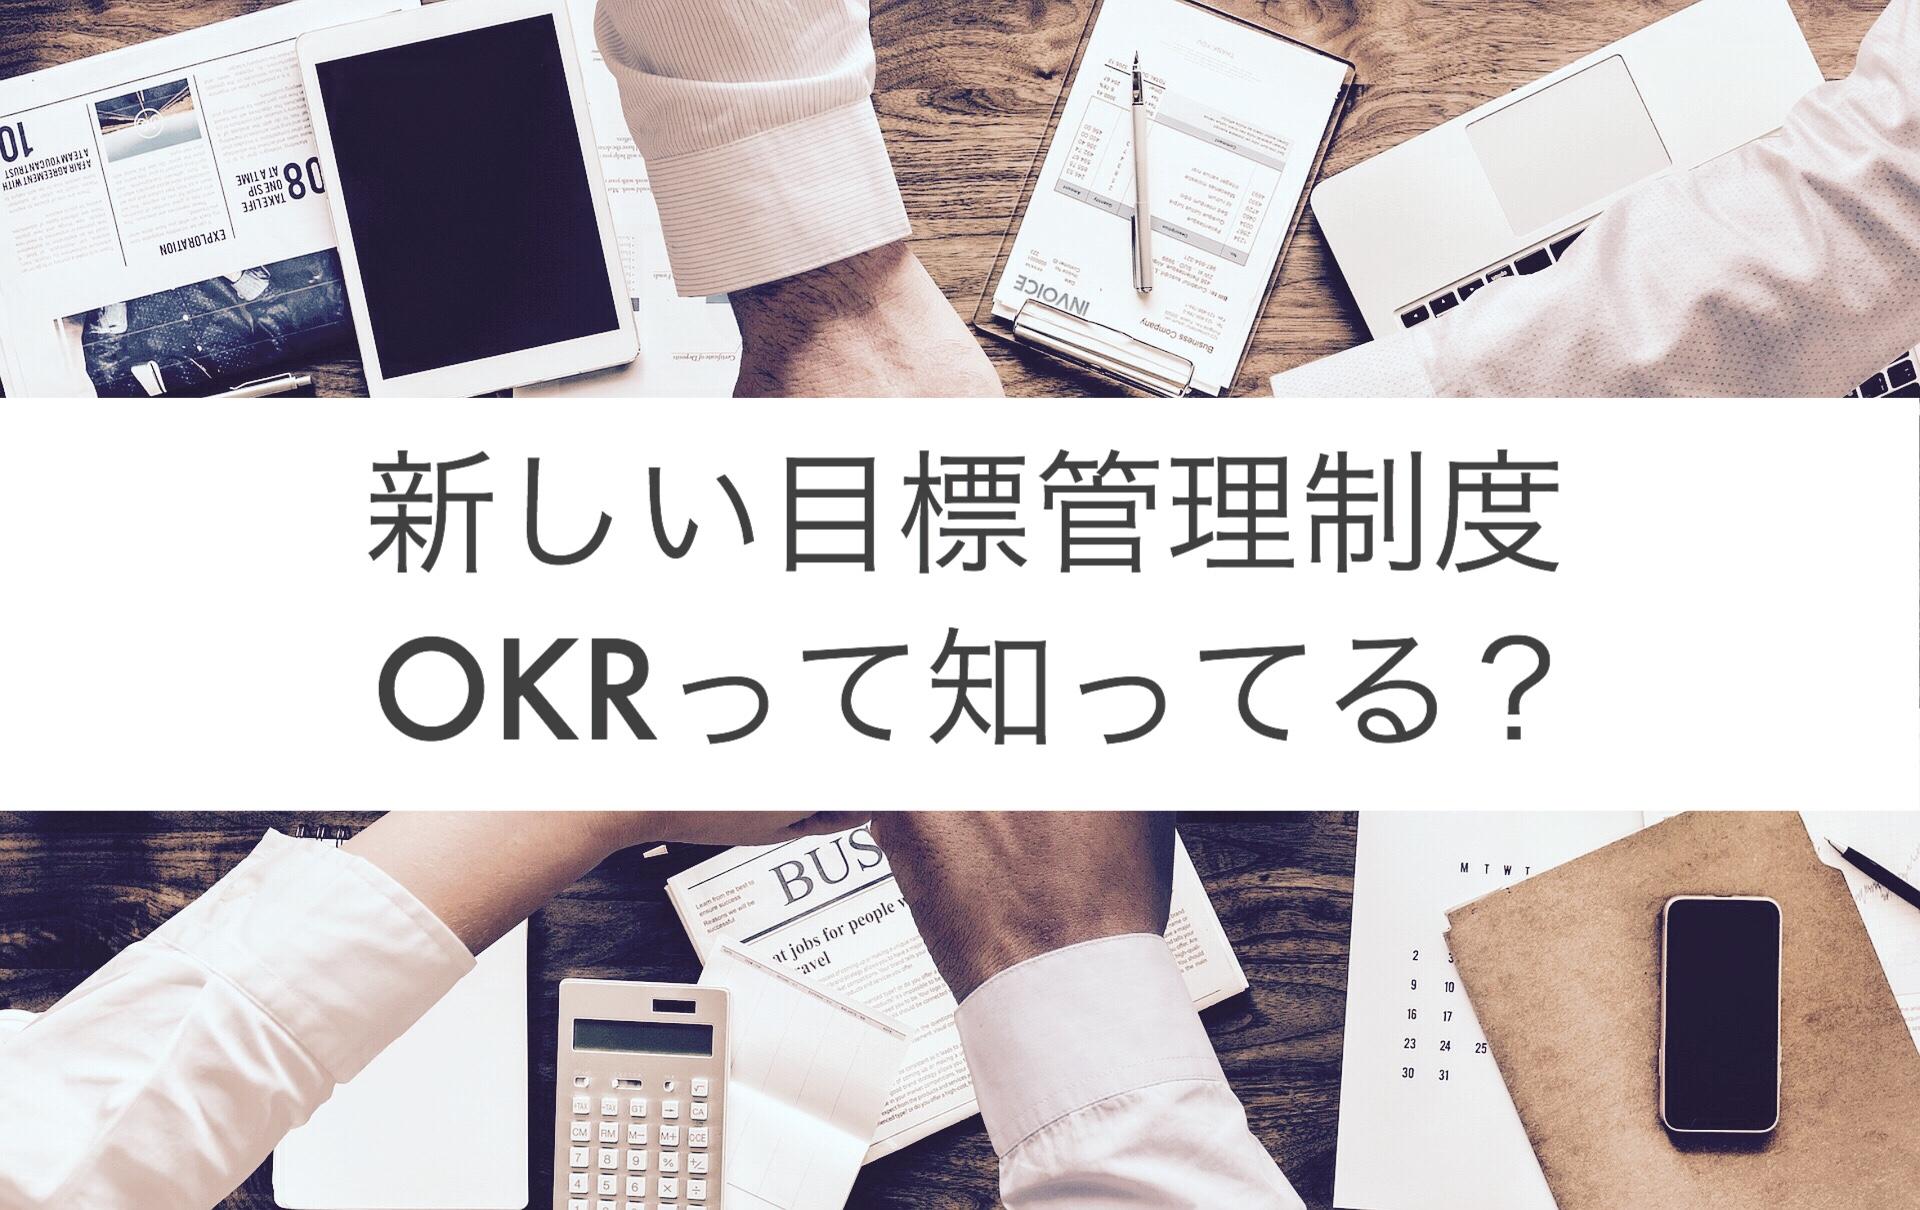 新しい目標管理制度「OKR」を学ぼう